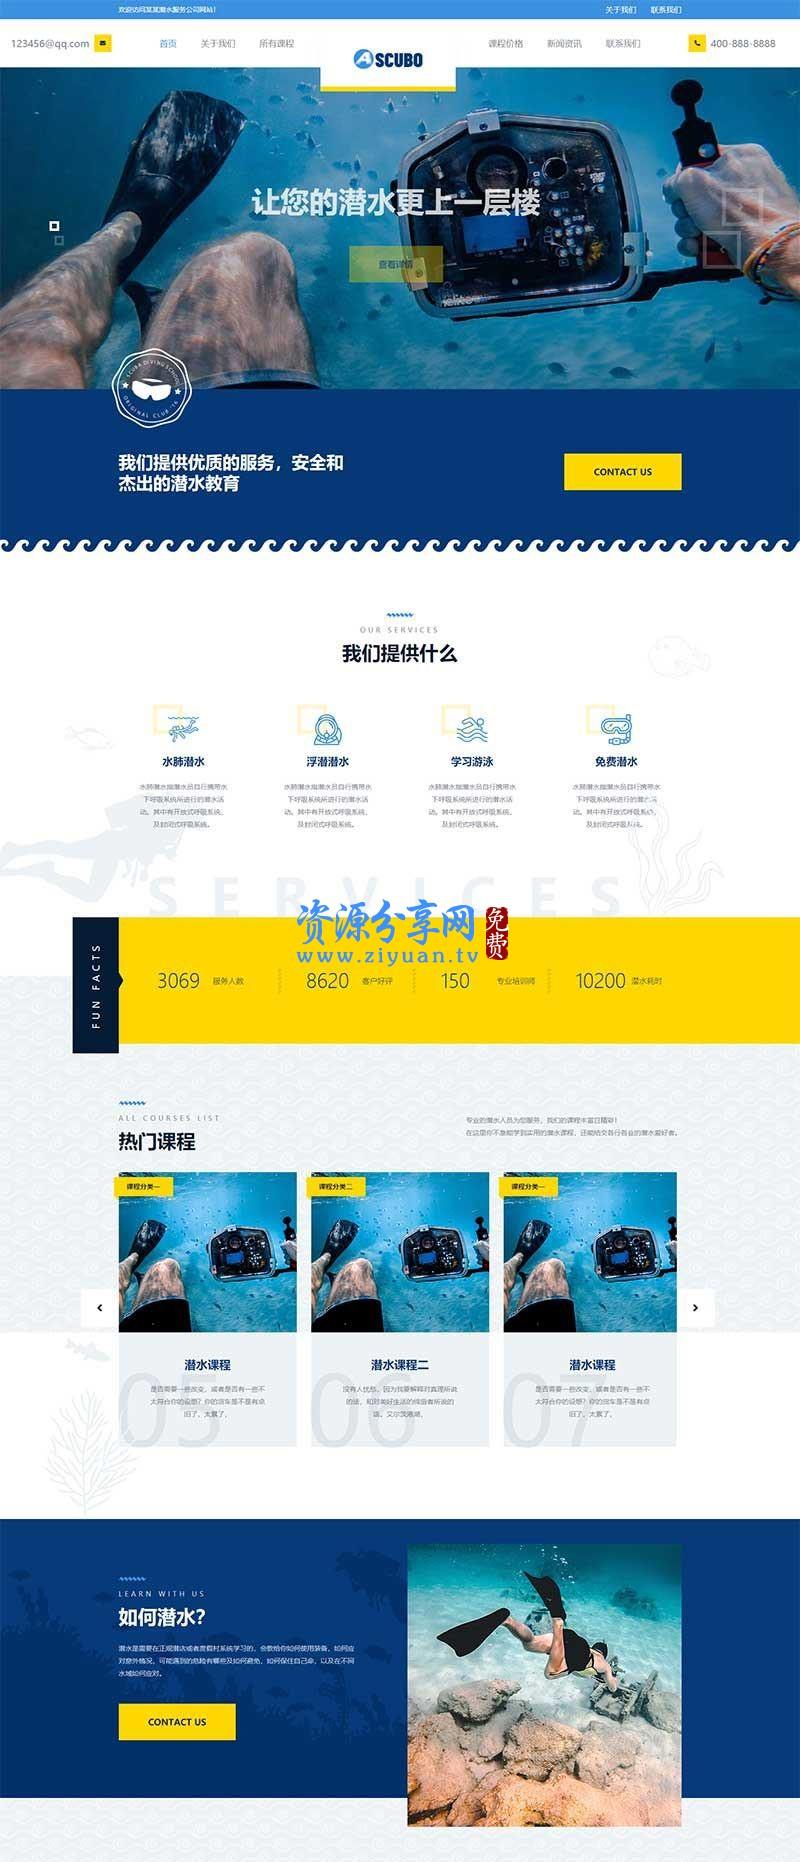 水上运动设备织梦模板 潜水服务公司网站模板下载